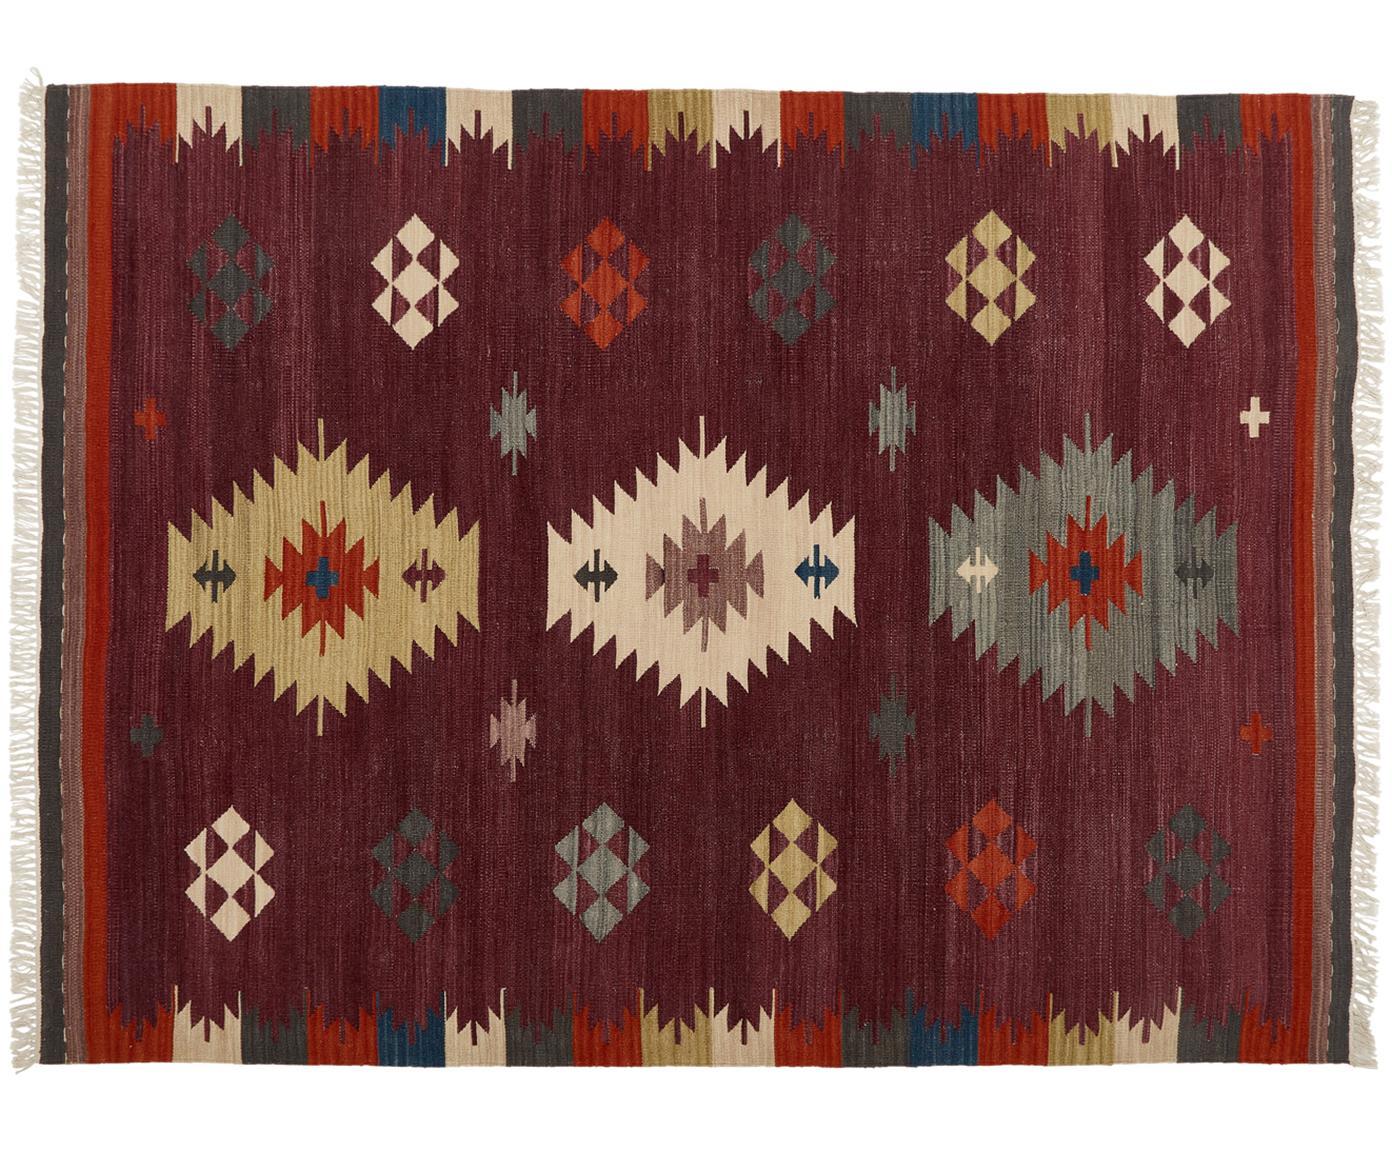 Tappeto in lana tessuto a mano Kilim, Lana, Viola scuro, multicolore, Larg. 125 x Lung. 185 cm (taglia S)